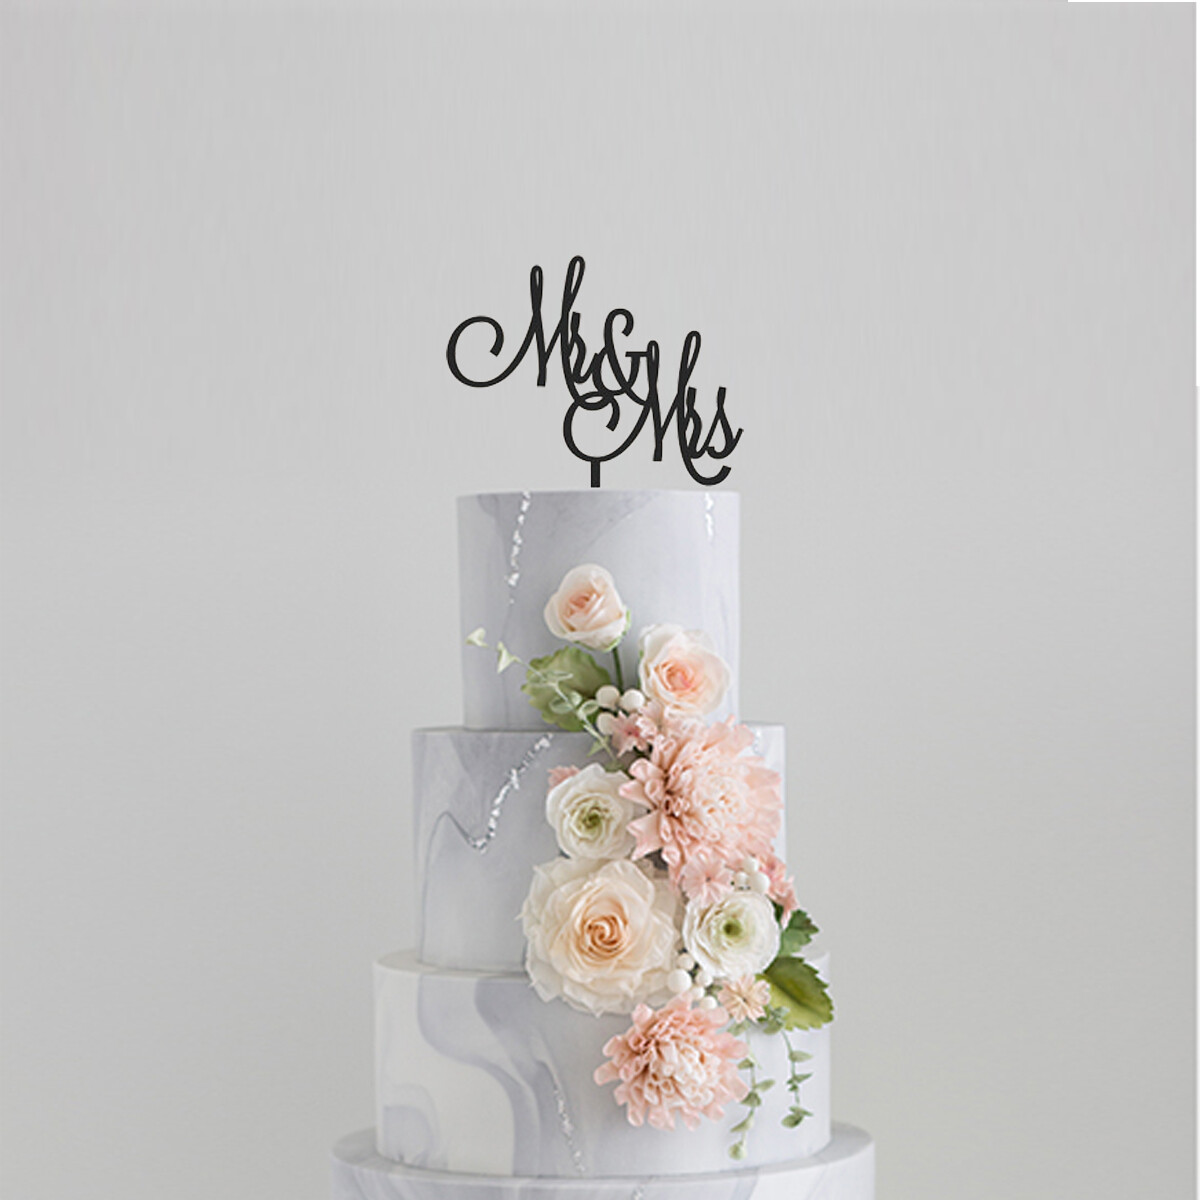 Mr & Mrs Cake Topper